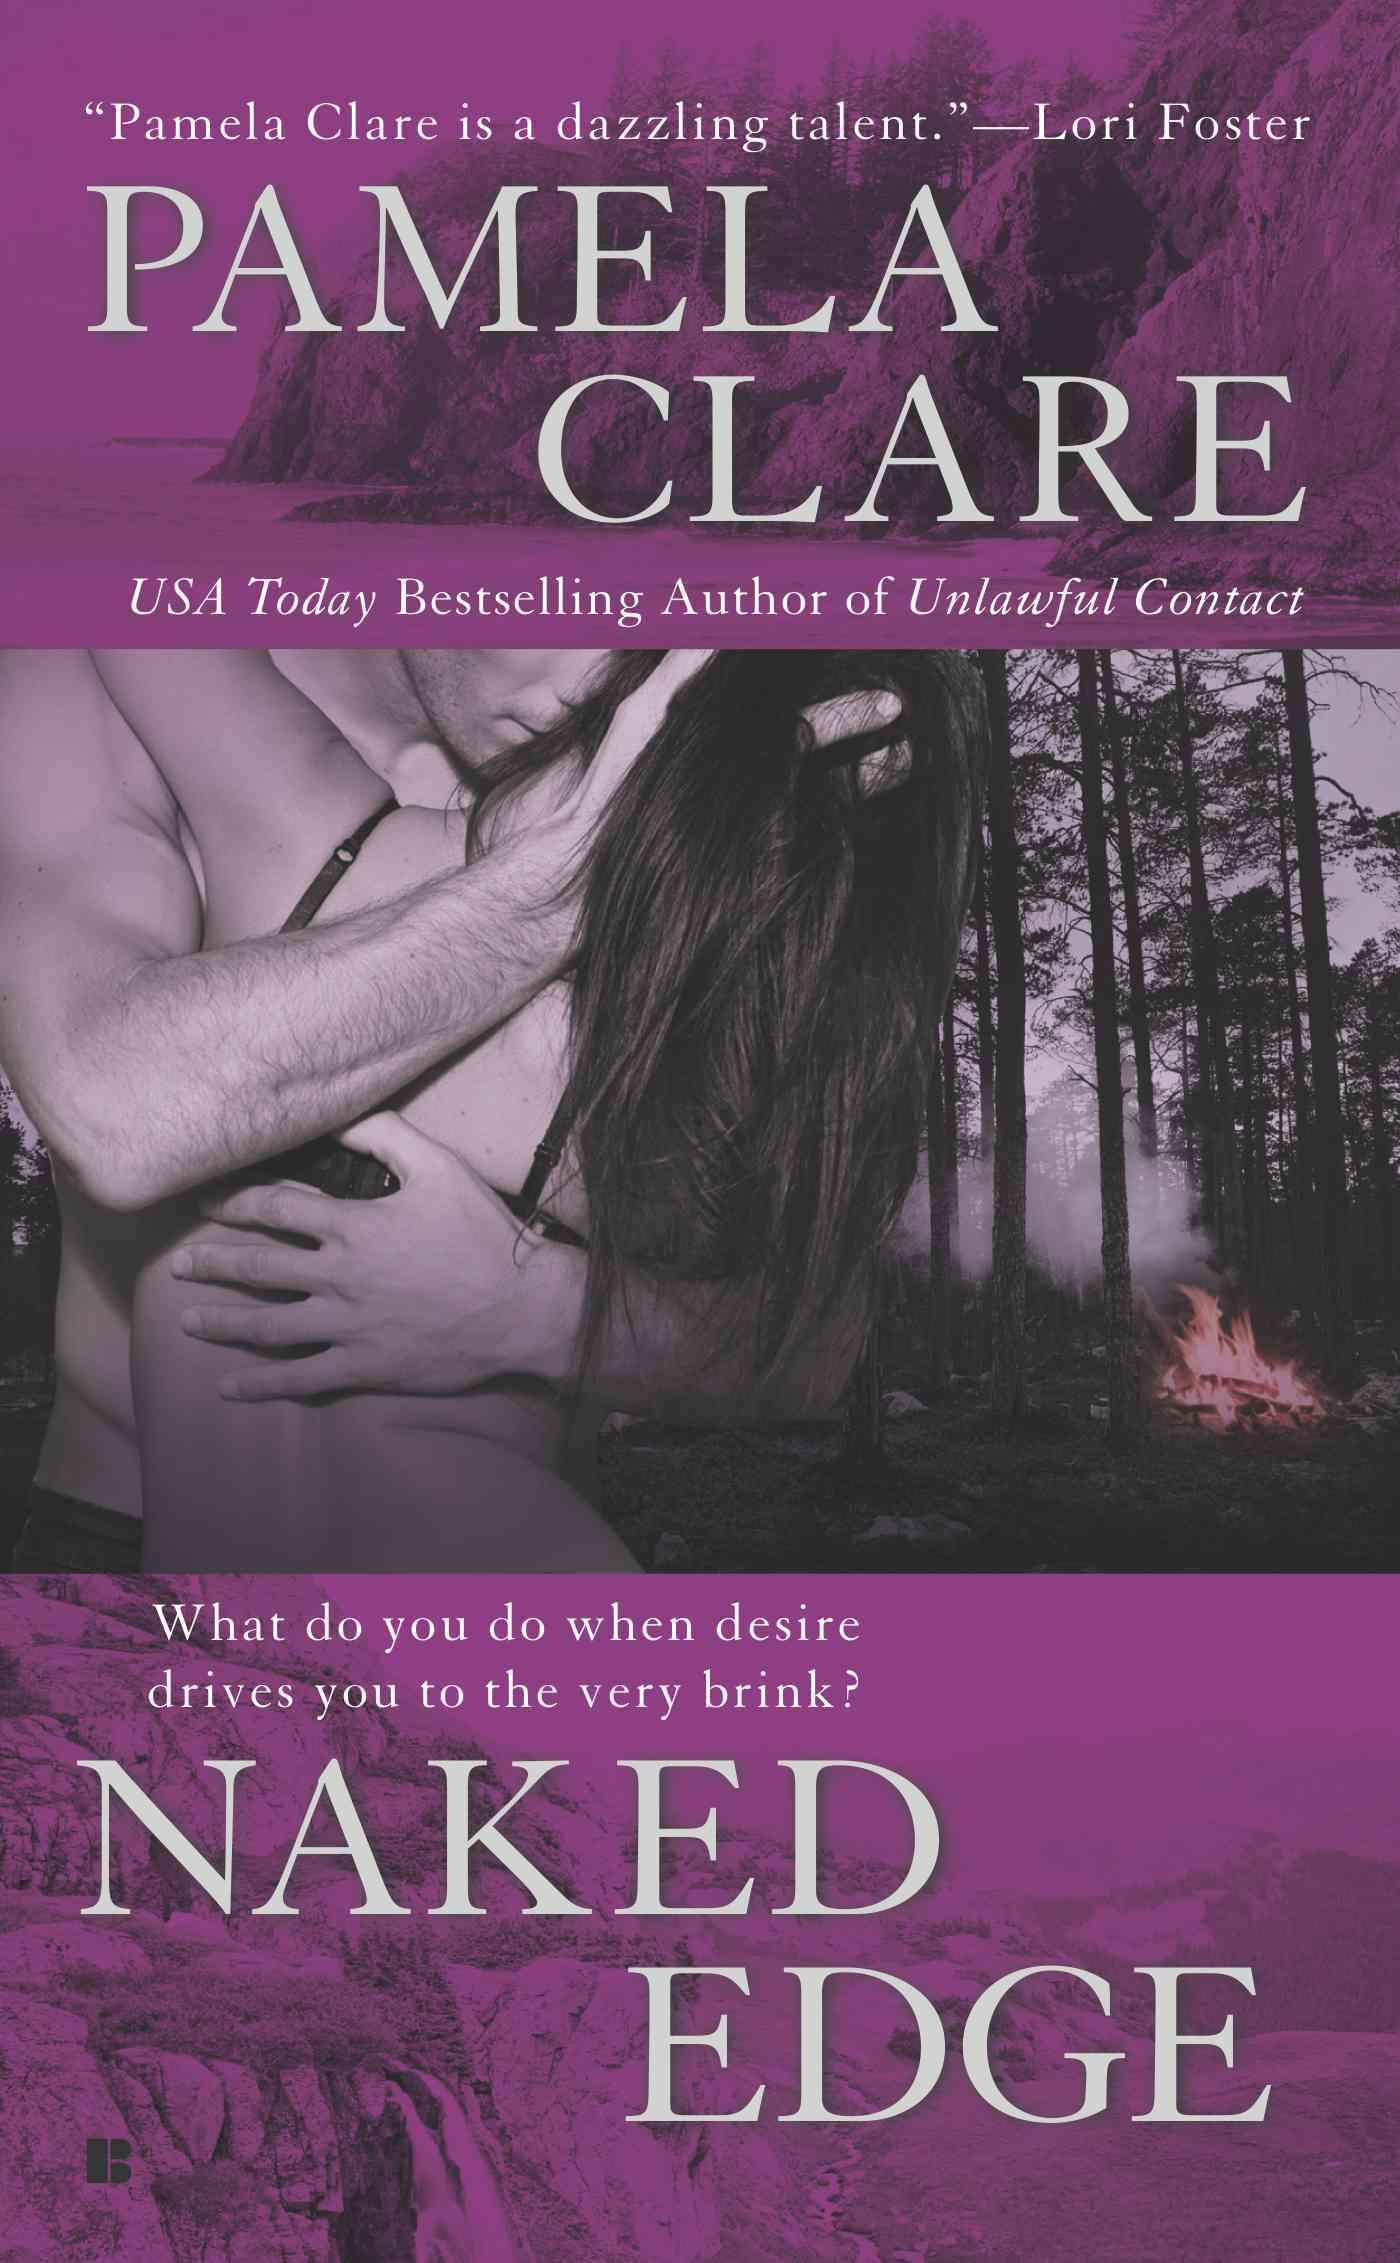 Naked Edge (Paperback)